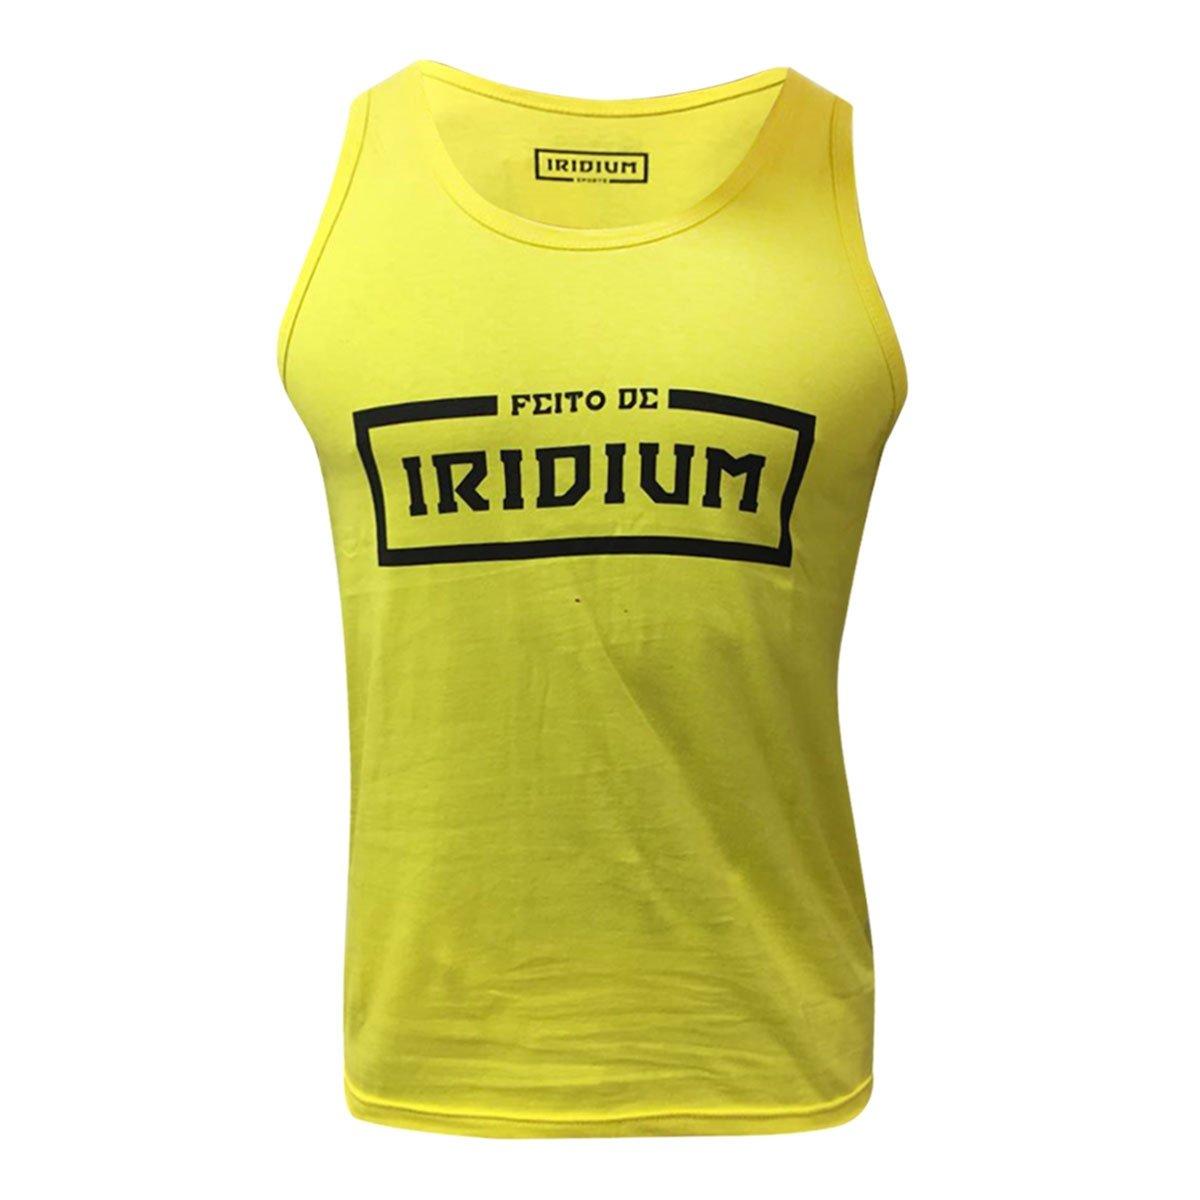 Camiseta Regata Masculina Iridium Labs - Compre Agora  e451440c1aa